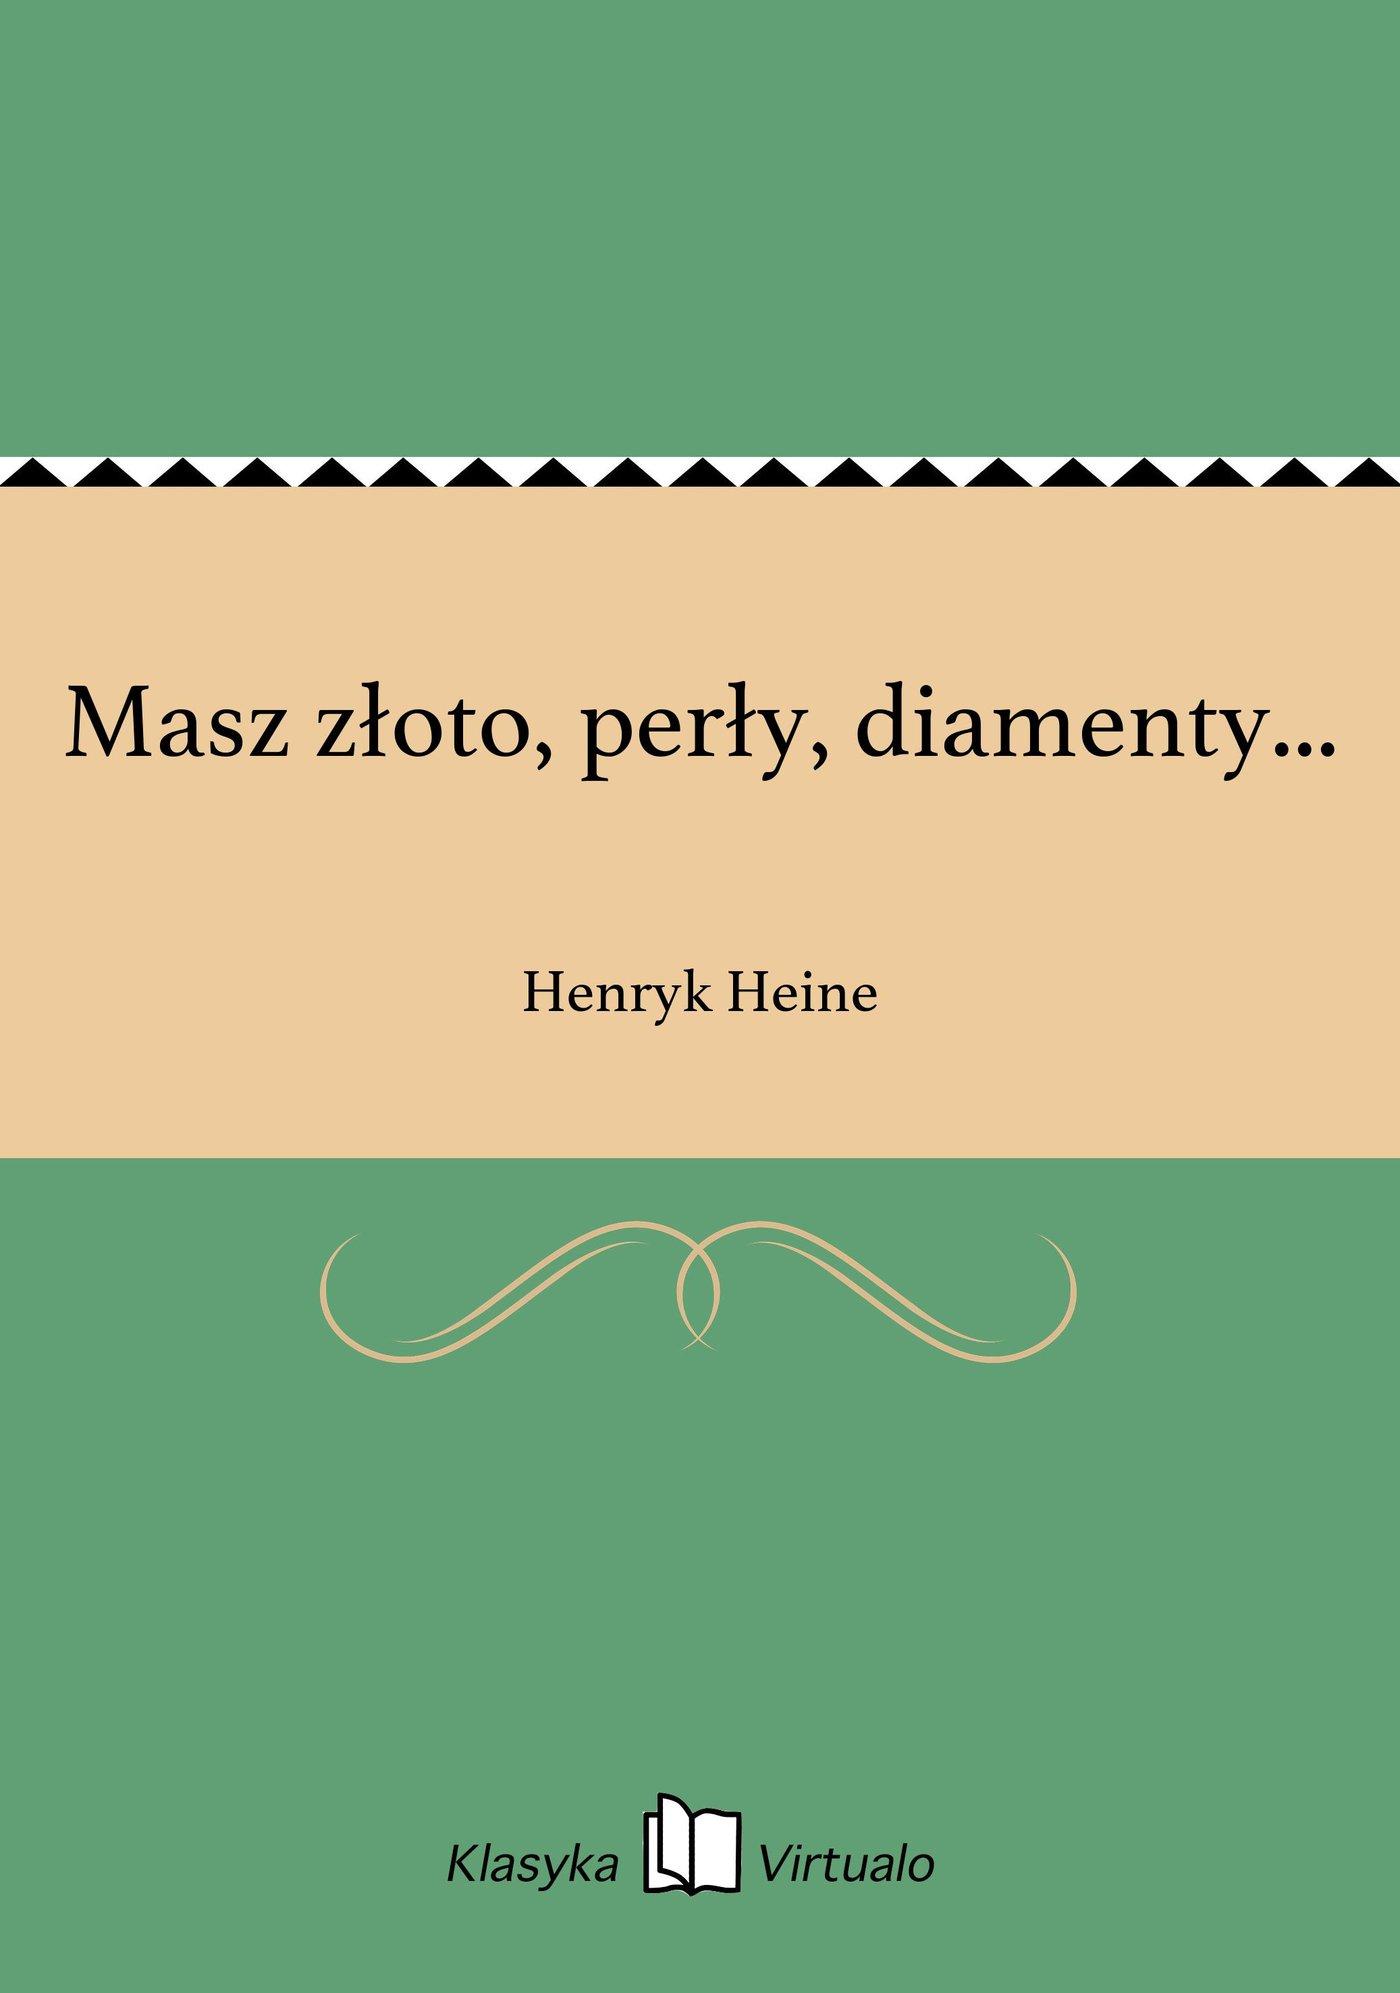 Masz złoto, perły, diamenty... - Ebook (Książka na Kindle) do pobrania w formacie MOBI